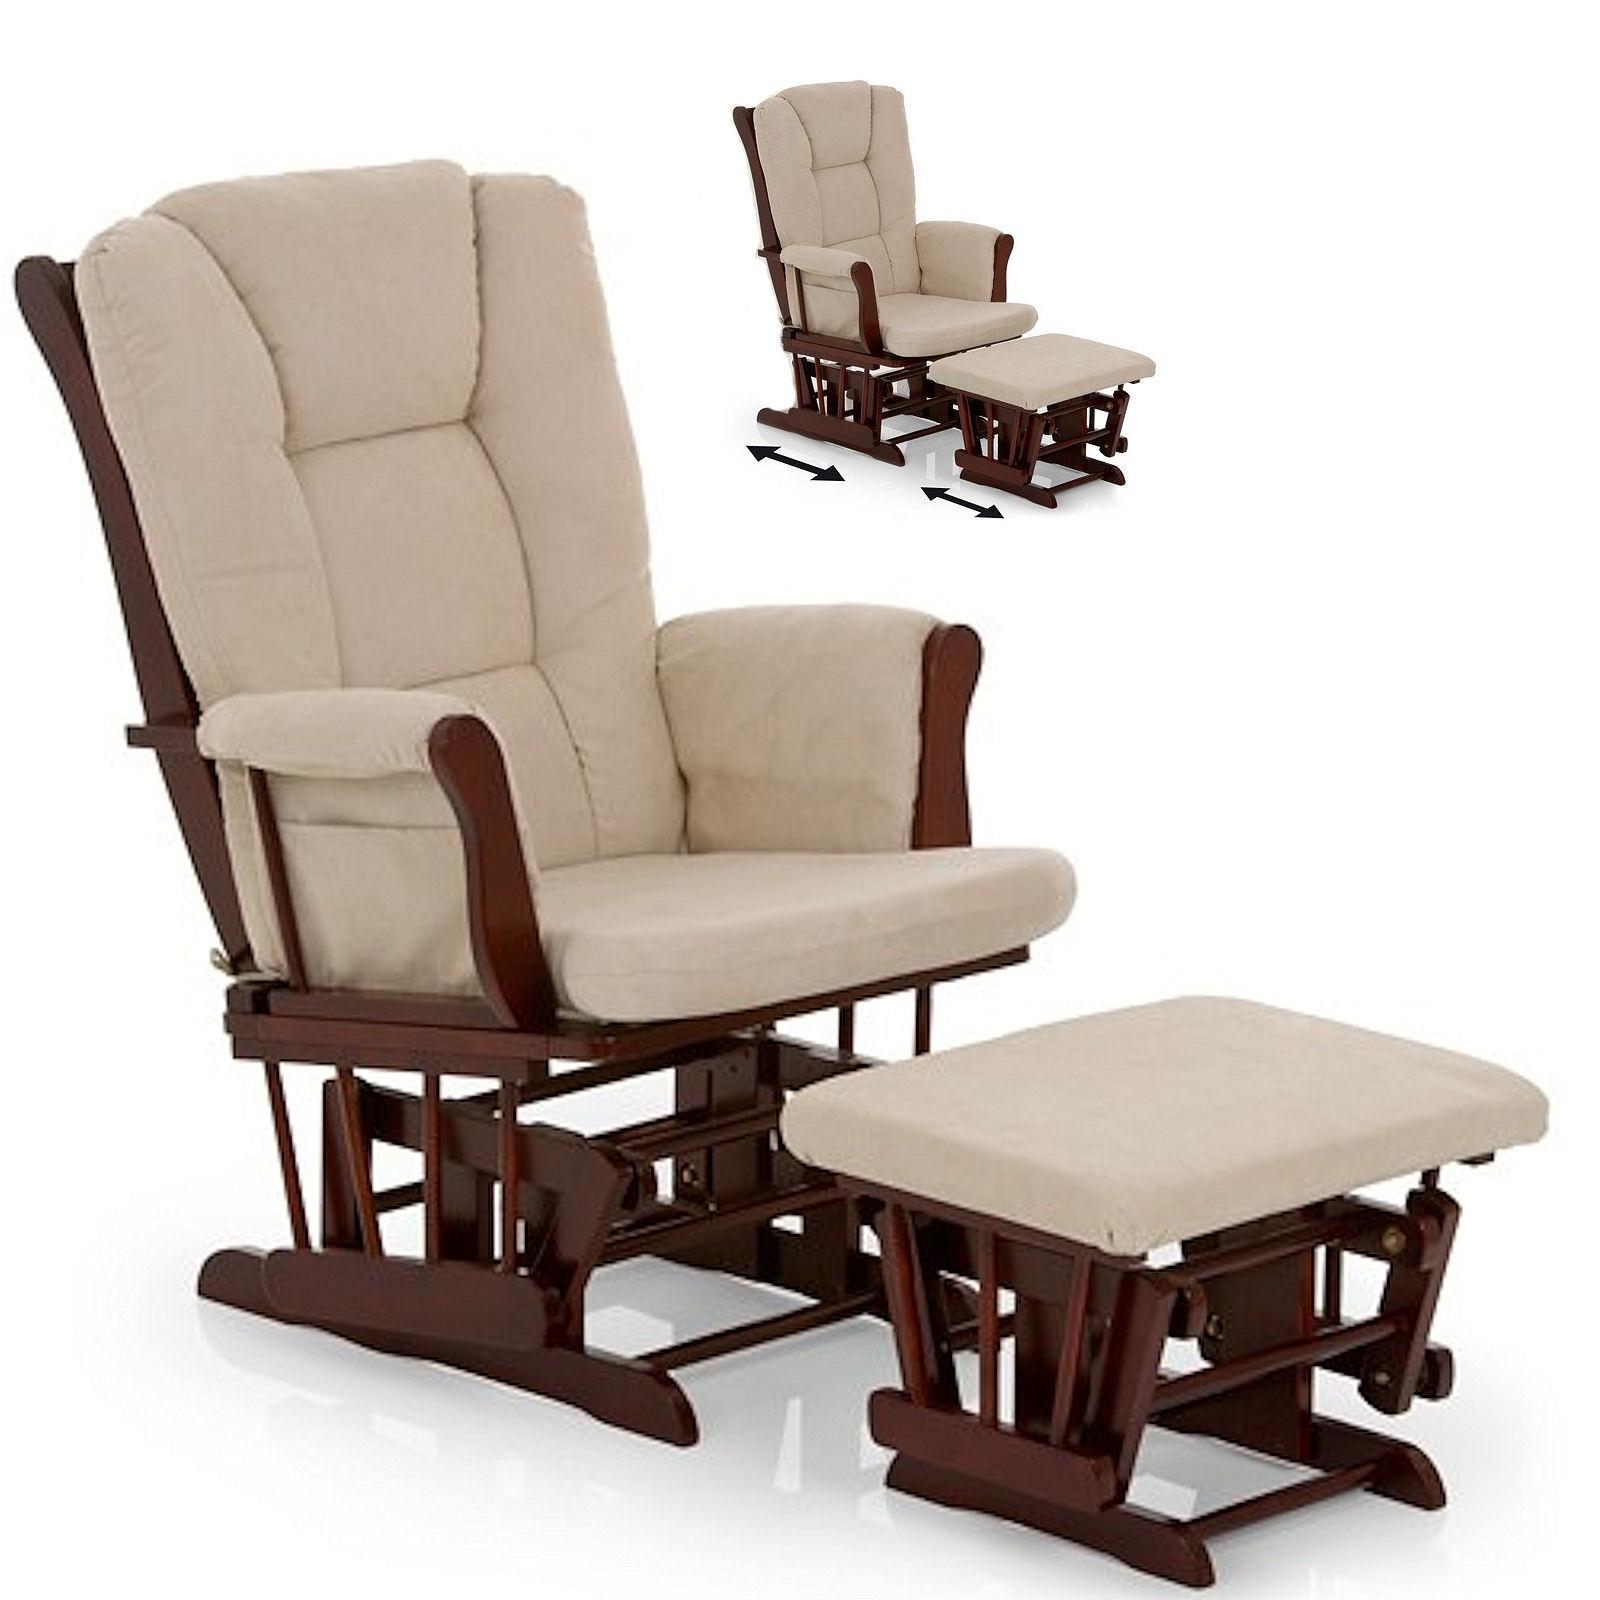 Hauck Glider Rocking Nursing Chair & Stool Walnut Beige